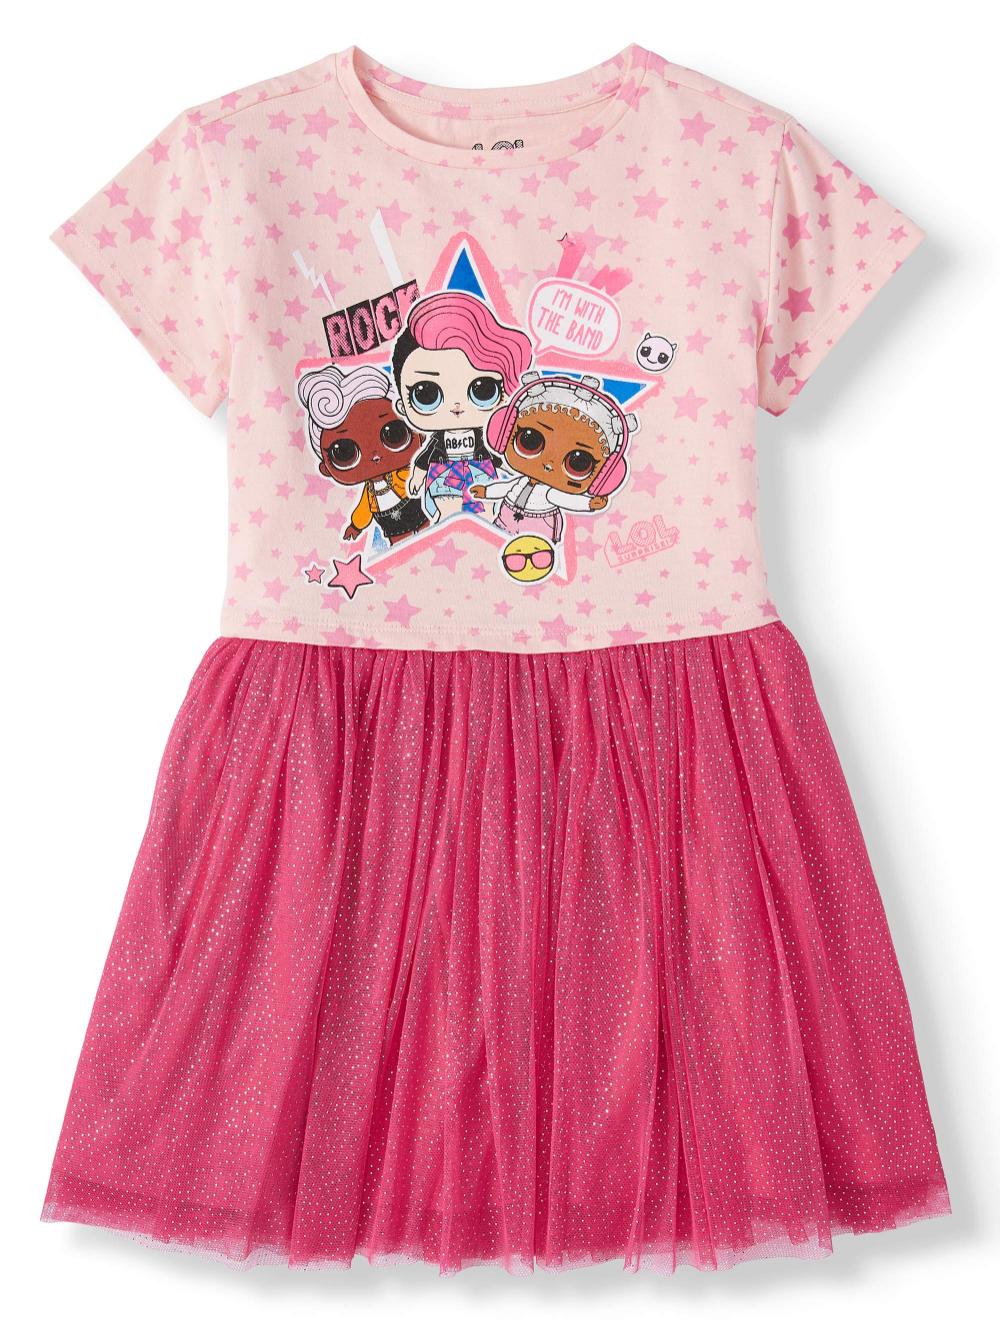 L O L Surprise L O L Surprise Foil Mesh Tutu Dress Sizes 4 16 Walmart Com Dresses Kids Girl Tutu Dress Dresses [ 1333 x 1000 Pixel ]